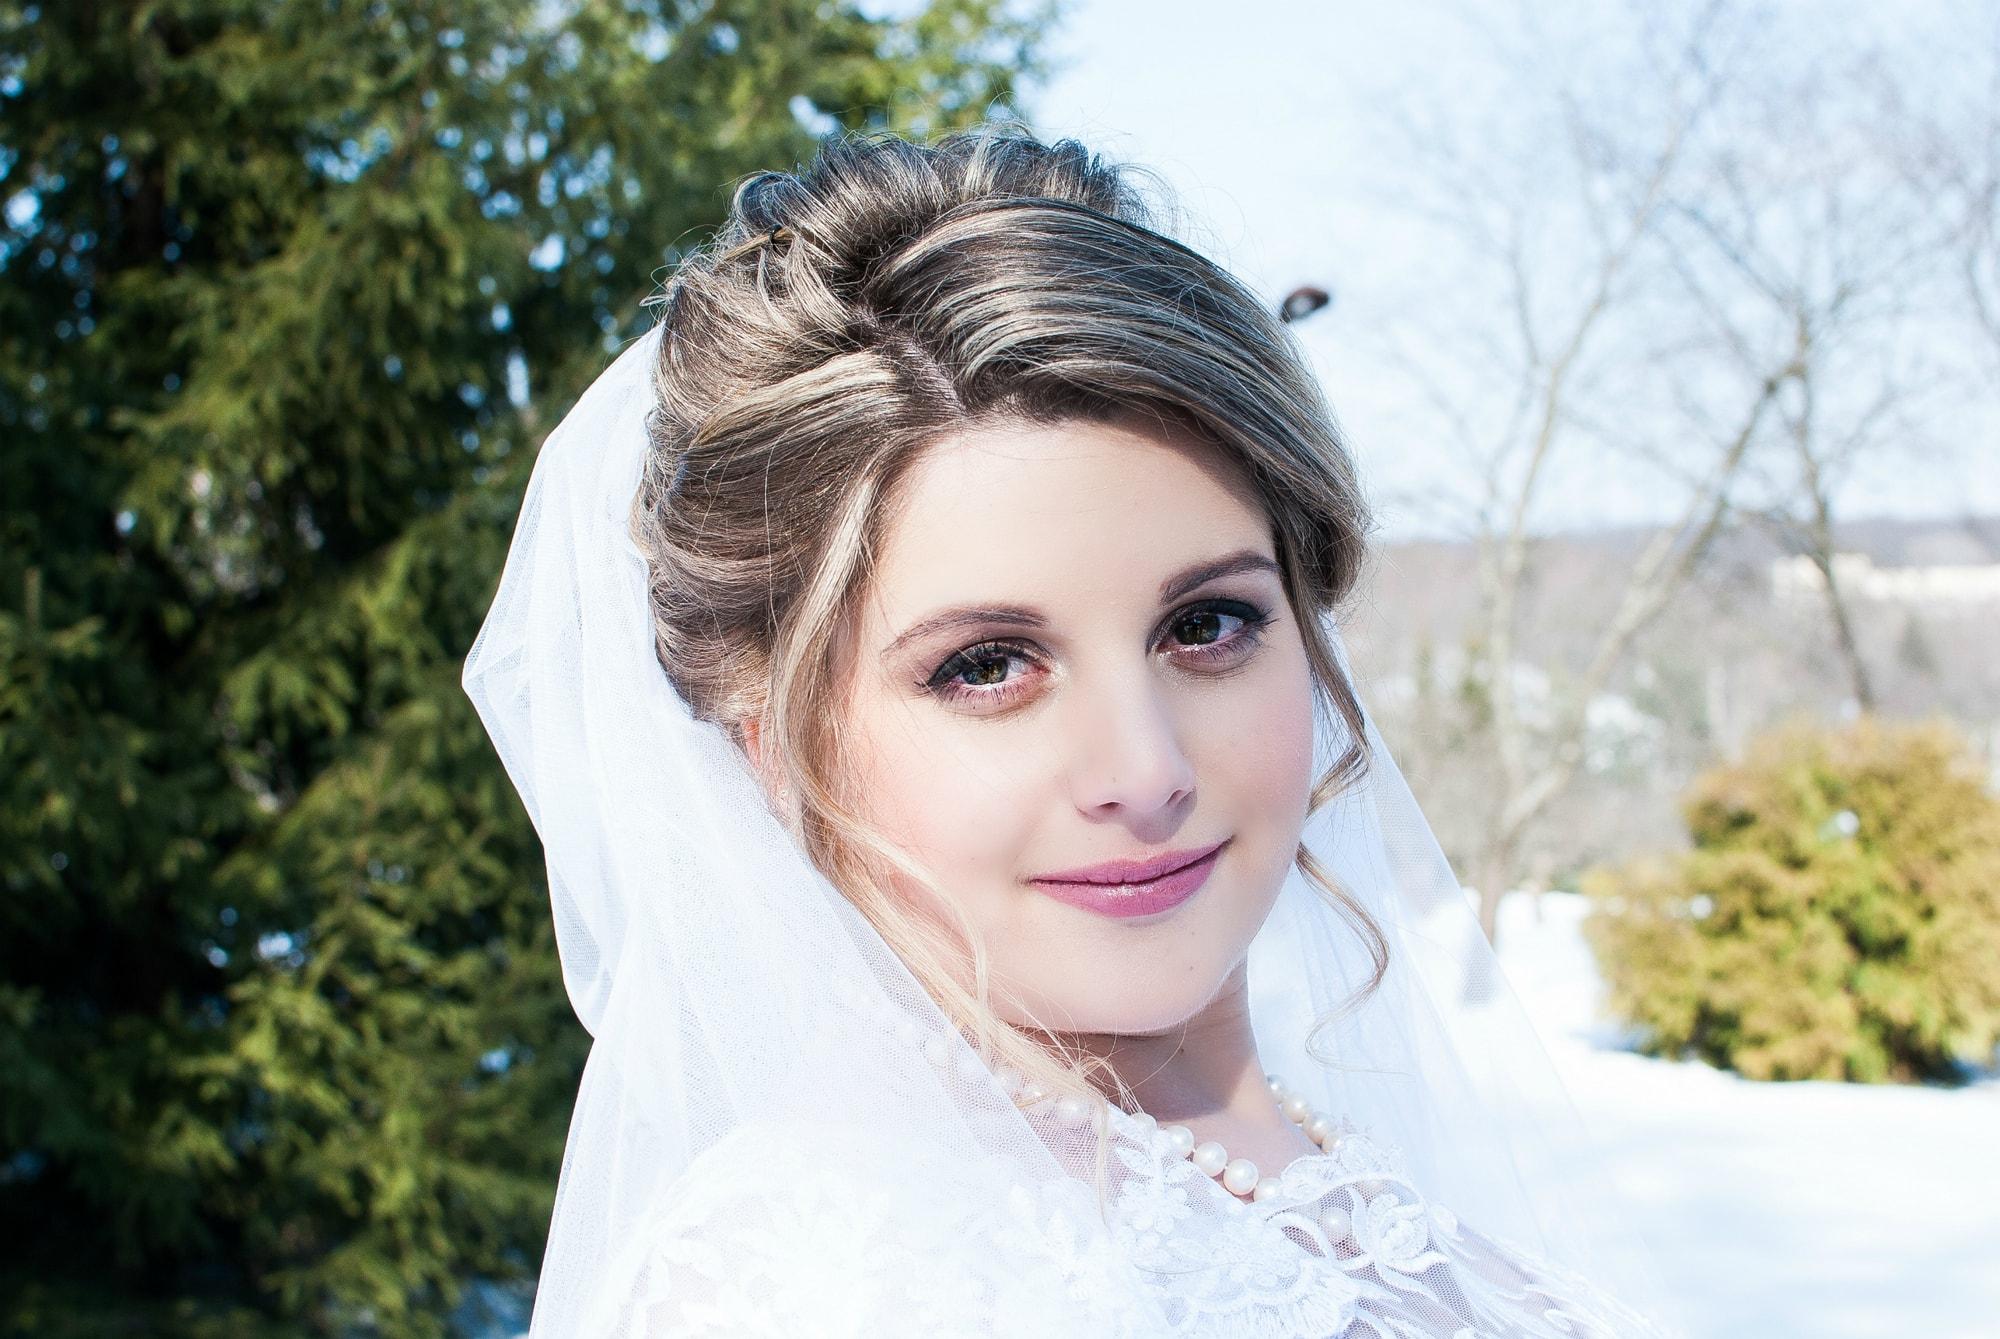 Фото миловидной невесты - Фотограф Женя Лайт